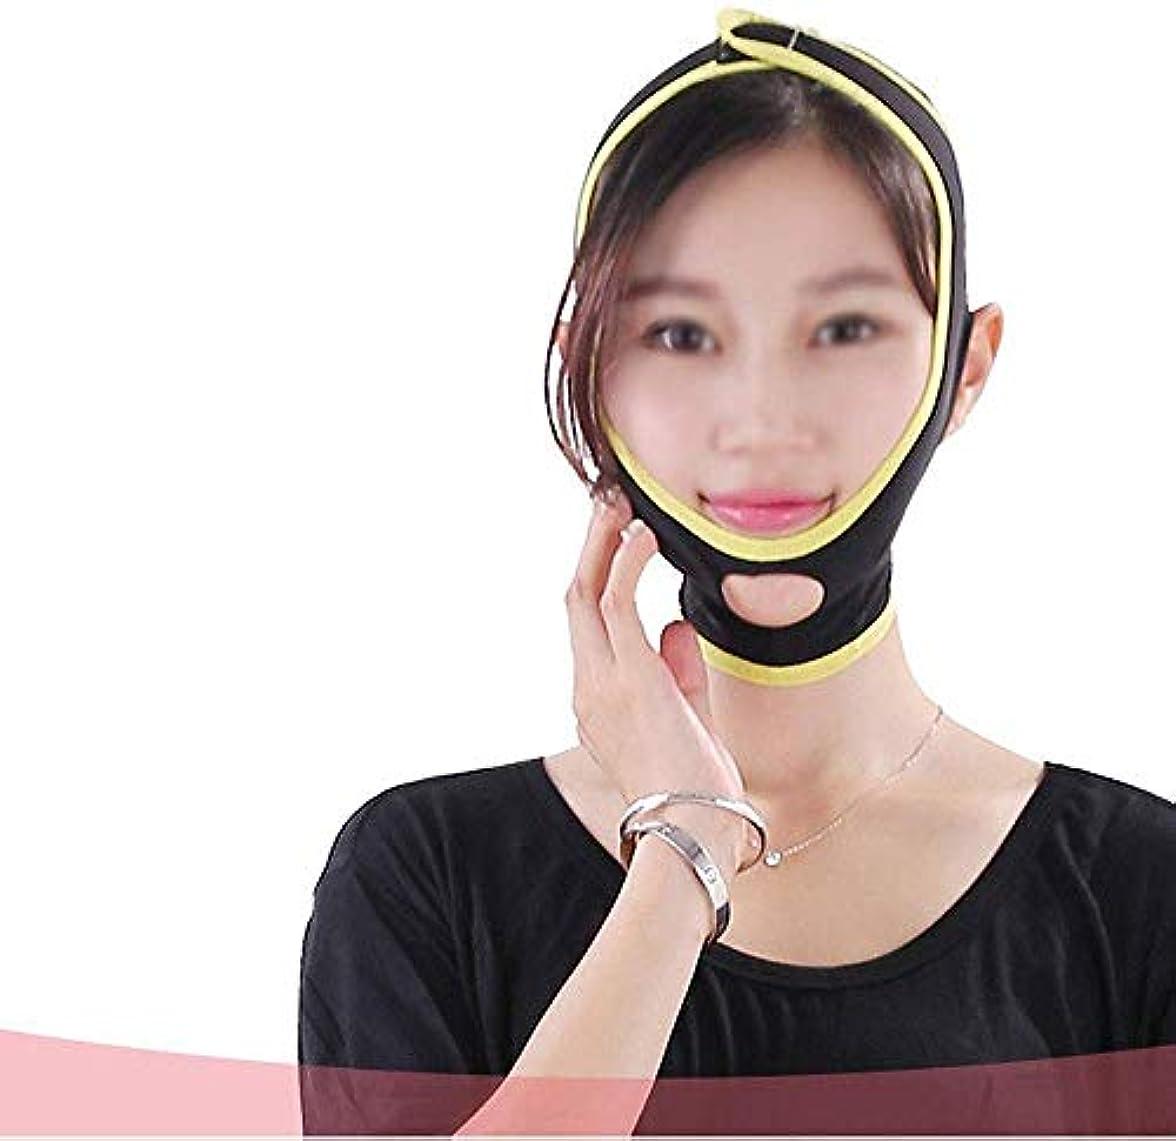 人工ポイント形成スリミングVフェイスマスク 睡眠フェイスマスク、薄い顔の包帯小さな顔V顔薄い顔薄い顔のフェイスリフト(サイズ:L)